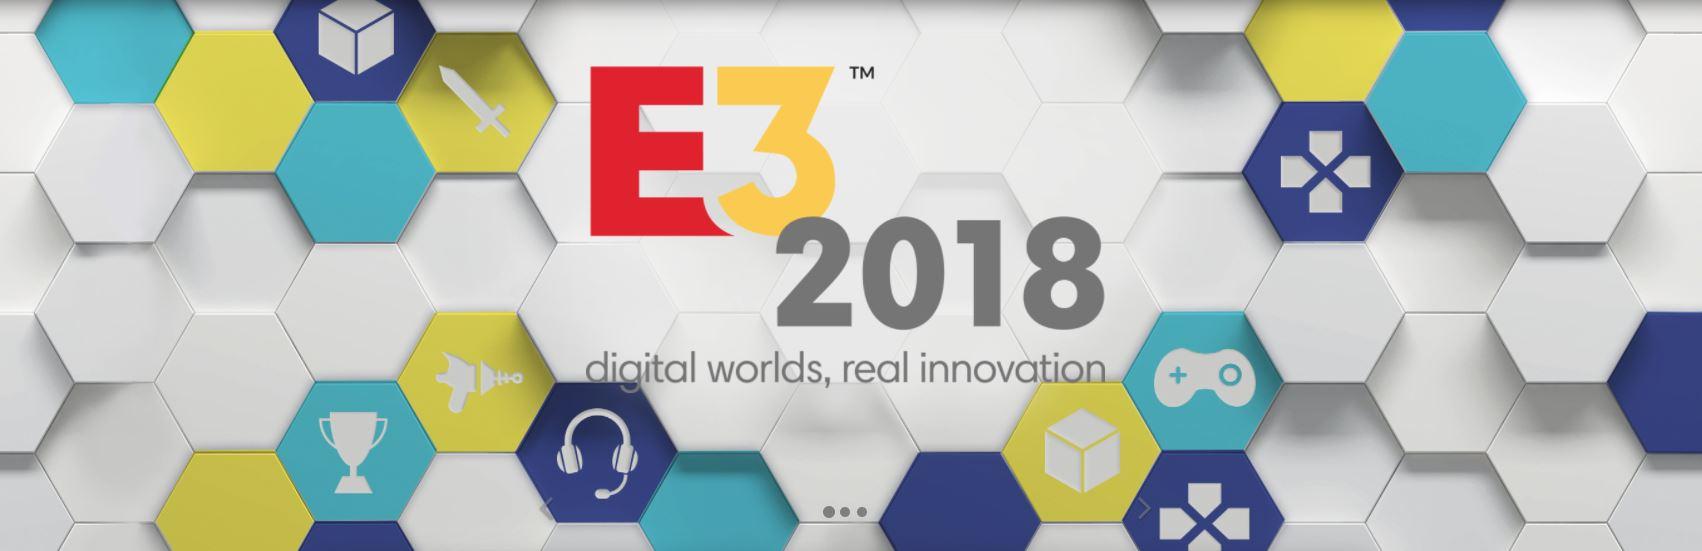 e3-2018-registration.jpg